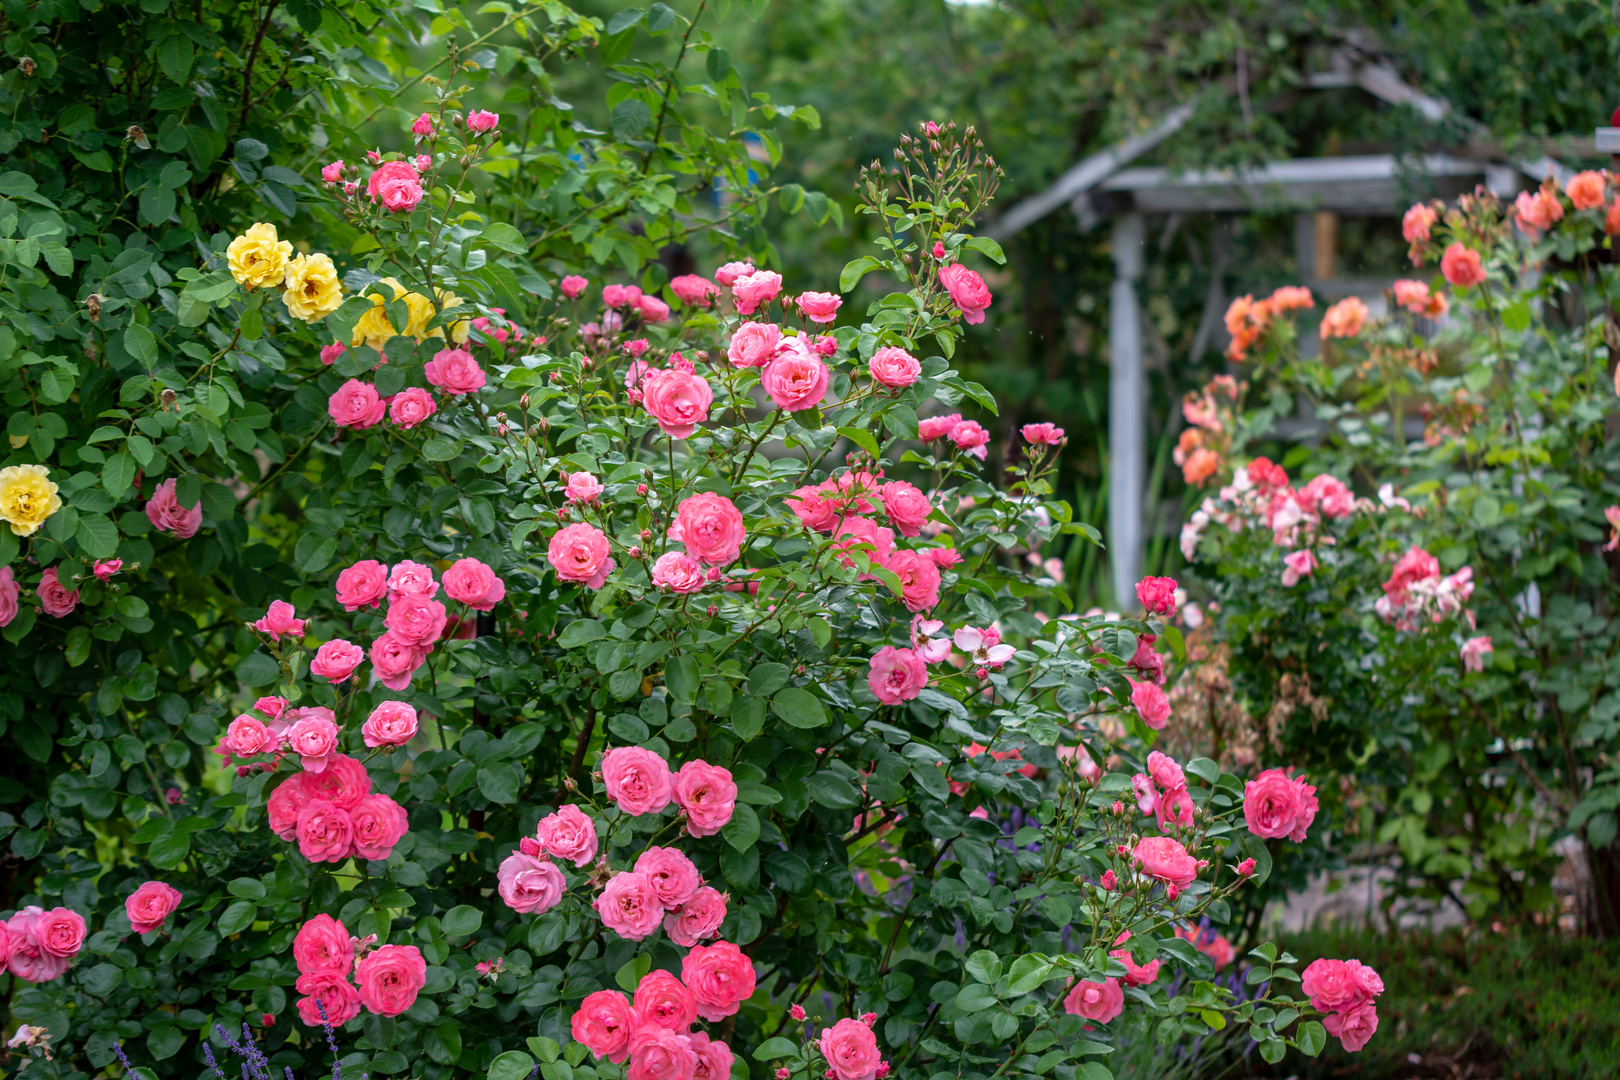 Die Rose Mein Schoner Garten Foto Bild Pflanzen Pilze Flechten Bluten Kleinpflanzen Rosen Bilder Auf Fotocommunity